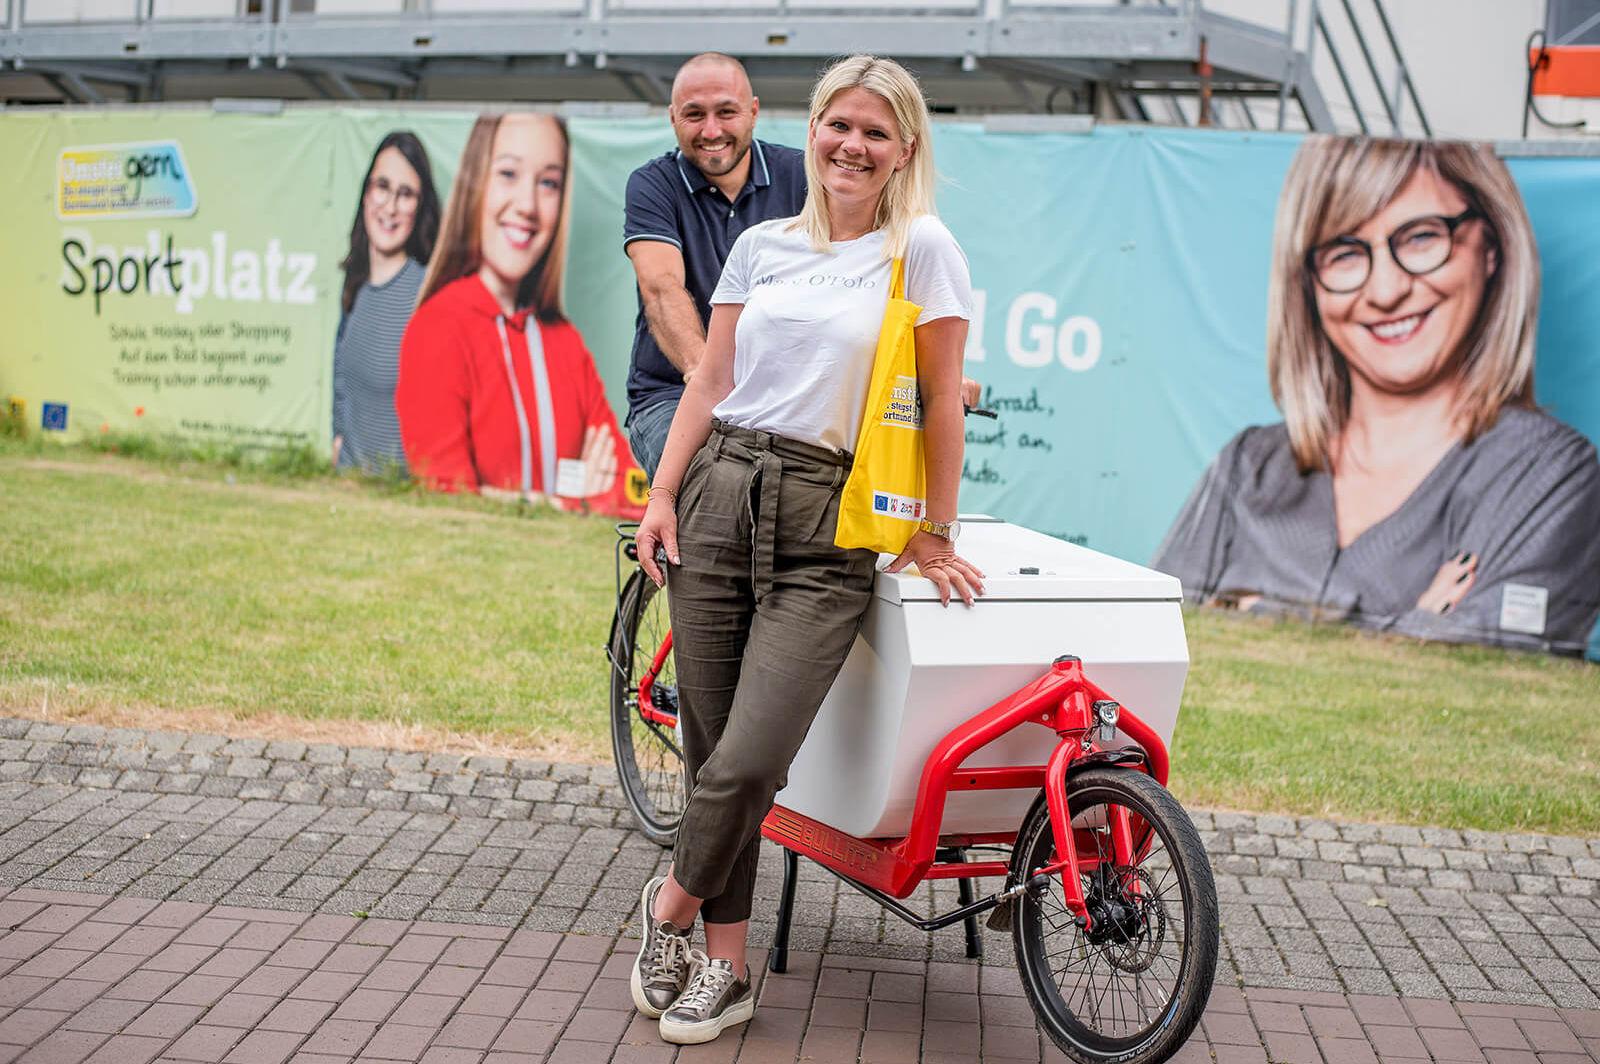 Eine junge Frau lehnt sich entspannt und lächelnd auf die Transportbox des roten UmsteiGERN-Lastenrads währen ein junger Mann auf dessen Sattel sitzt. Im Hintergrund sieht man Werbeplakate von UmsteiGERN.